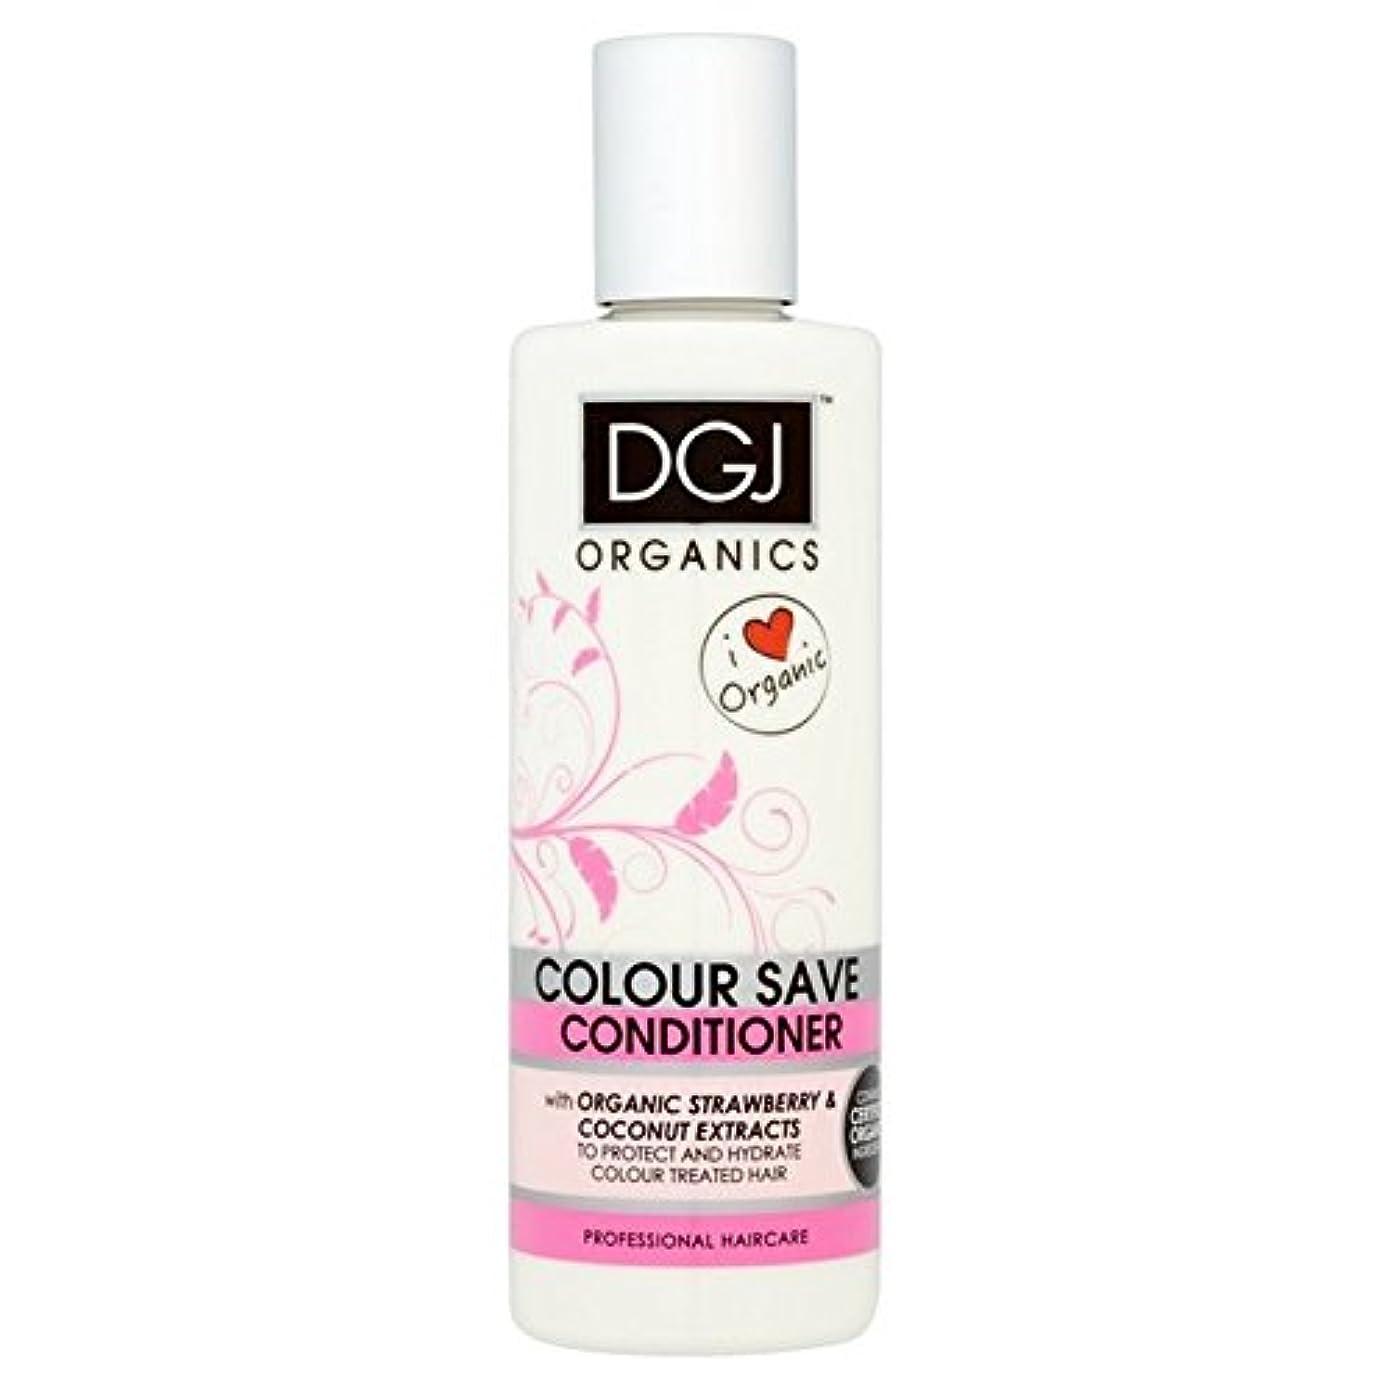 処理する食事よろしく有機物の色コンディショナー250を保存 x4 - DGJ Organics Colour Save Conditioner 250ml (Pack of 4) [並行輸入品]